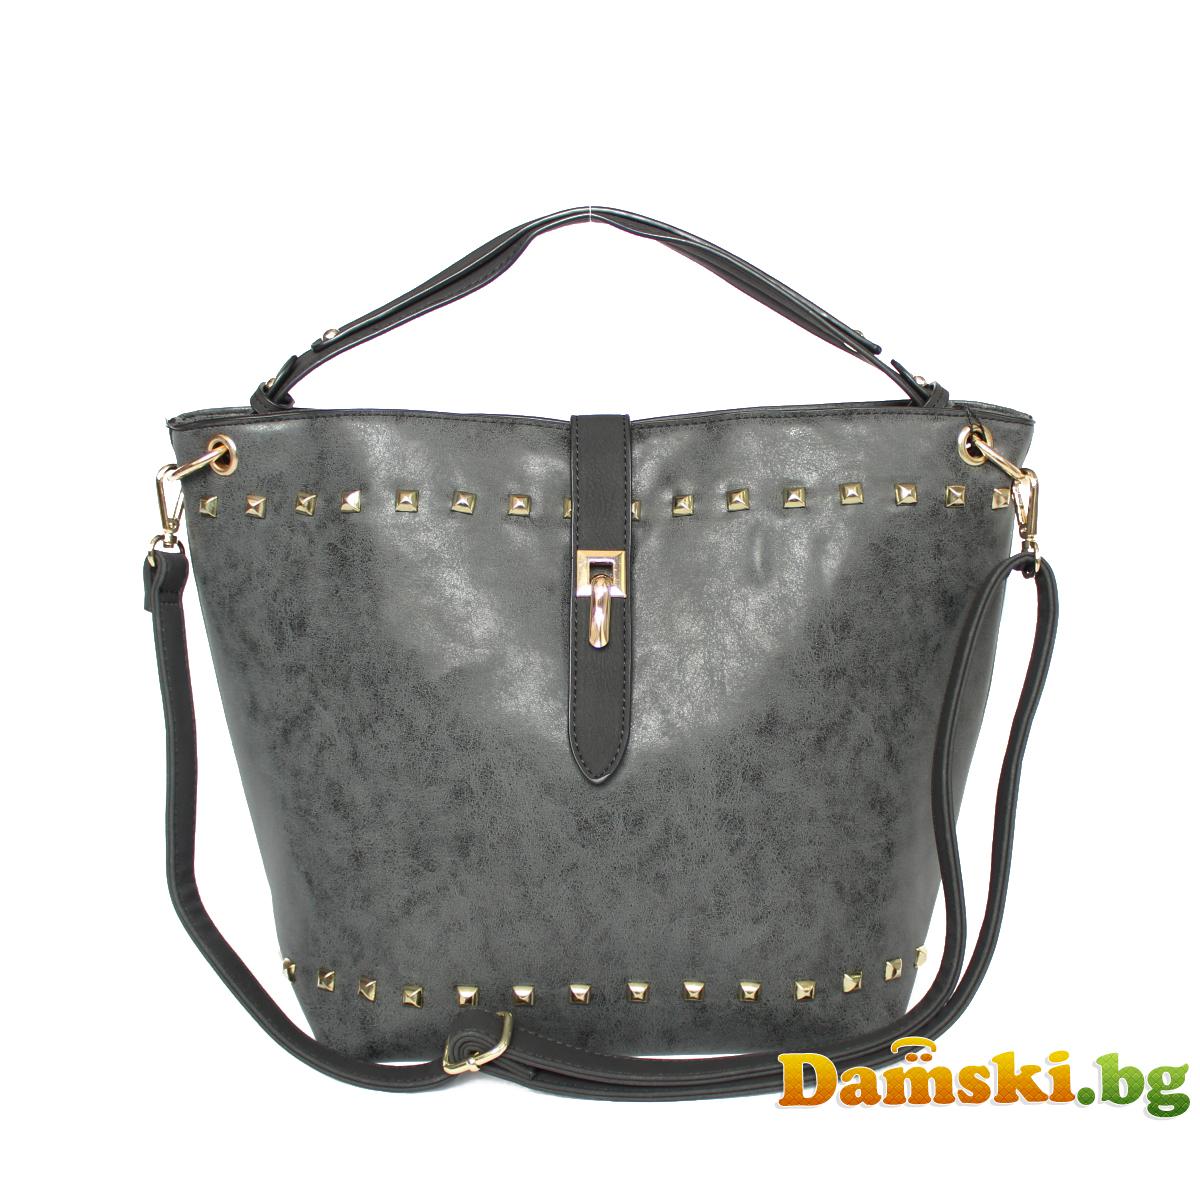 Ежедневна дамска чанта - Графитена